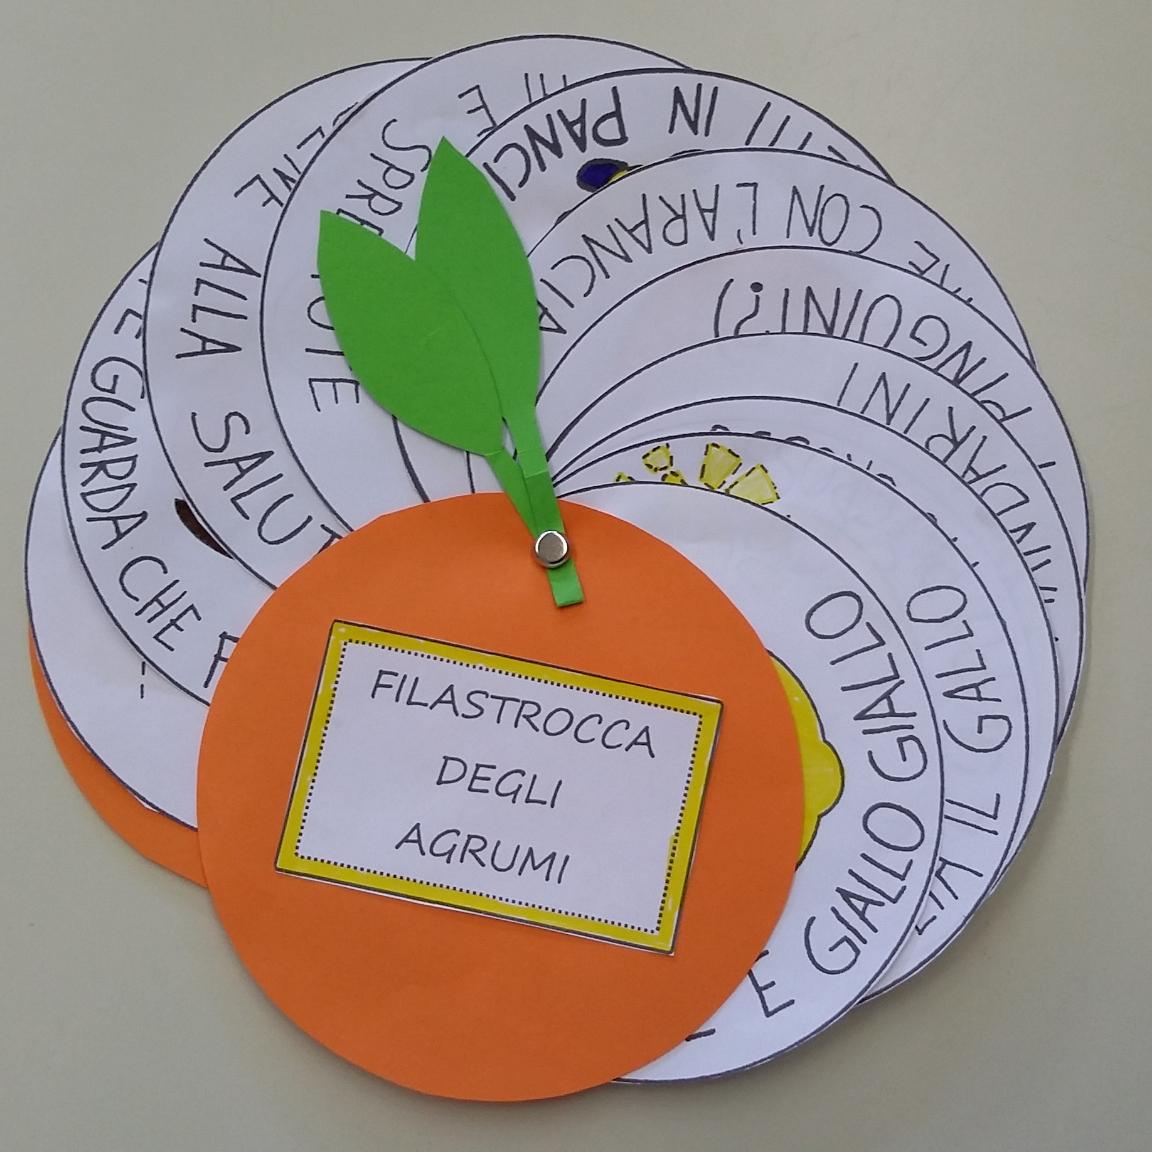 La maestra linda filastrocca degli agrumi for Maestra infanzia